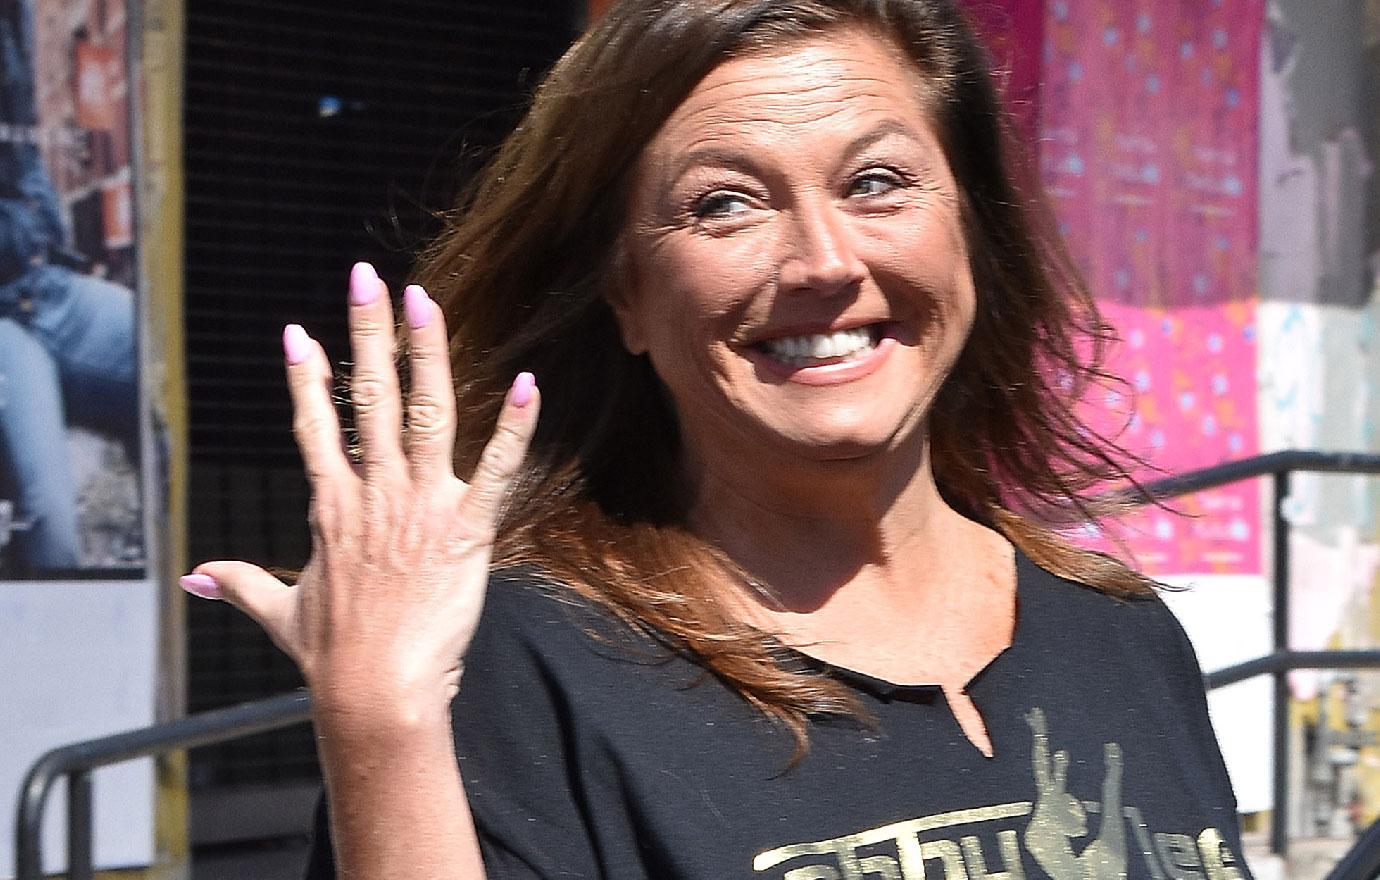 Cancer Stricken Abby Lee Miller Tans Herself In Wheelchair